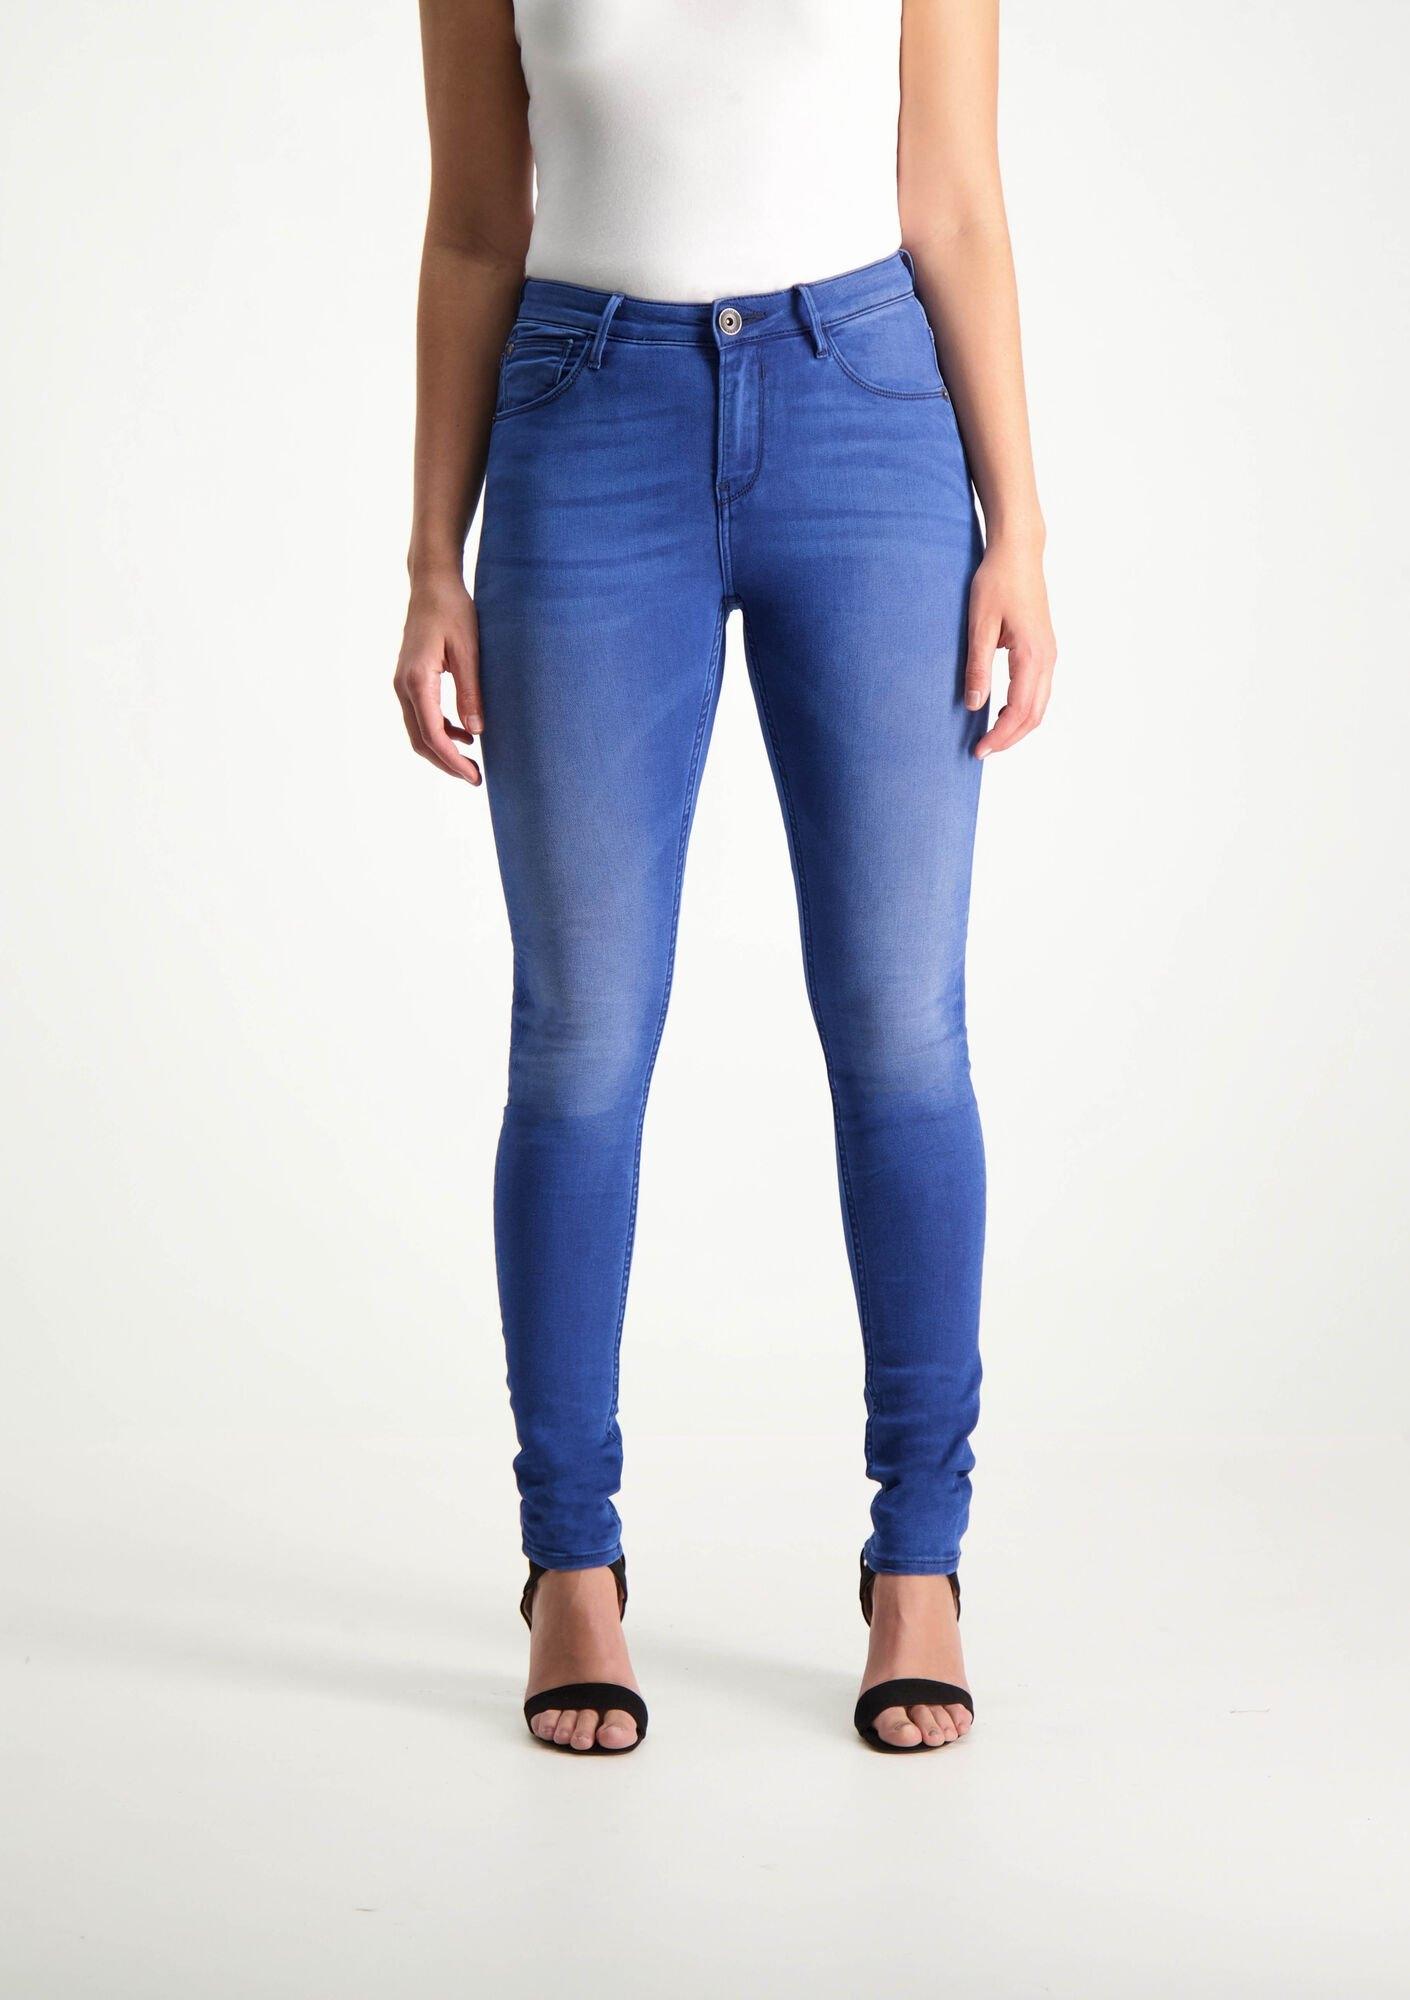 Garcia Skinny jeans van Garcia voordelig en veilig online kopen